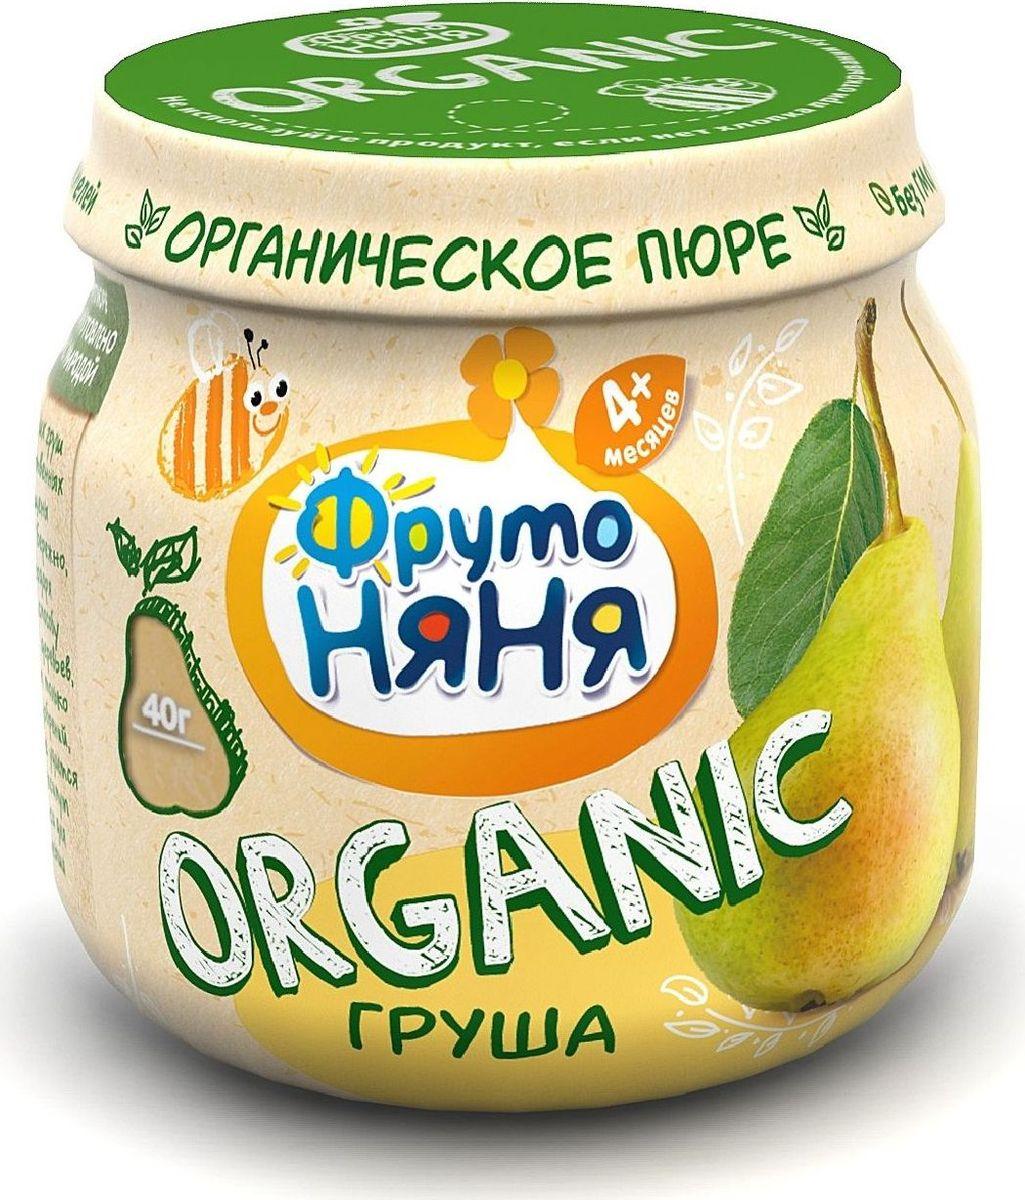 Фрутоняня Organic пюре груша с 6 месяцев, 80 г пюре фрутоняня organic груша с 4 мес 80 г